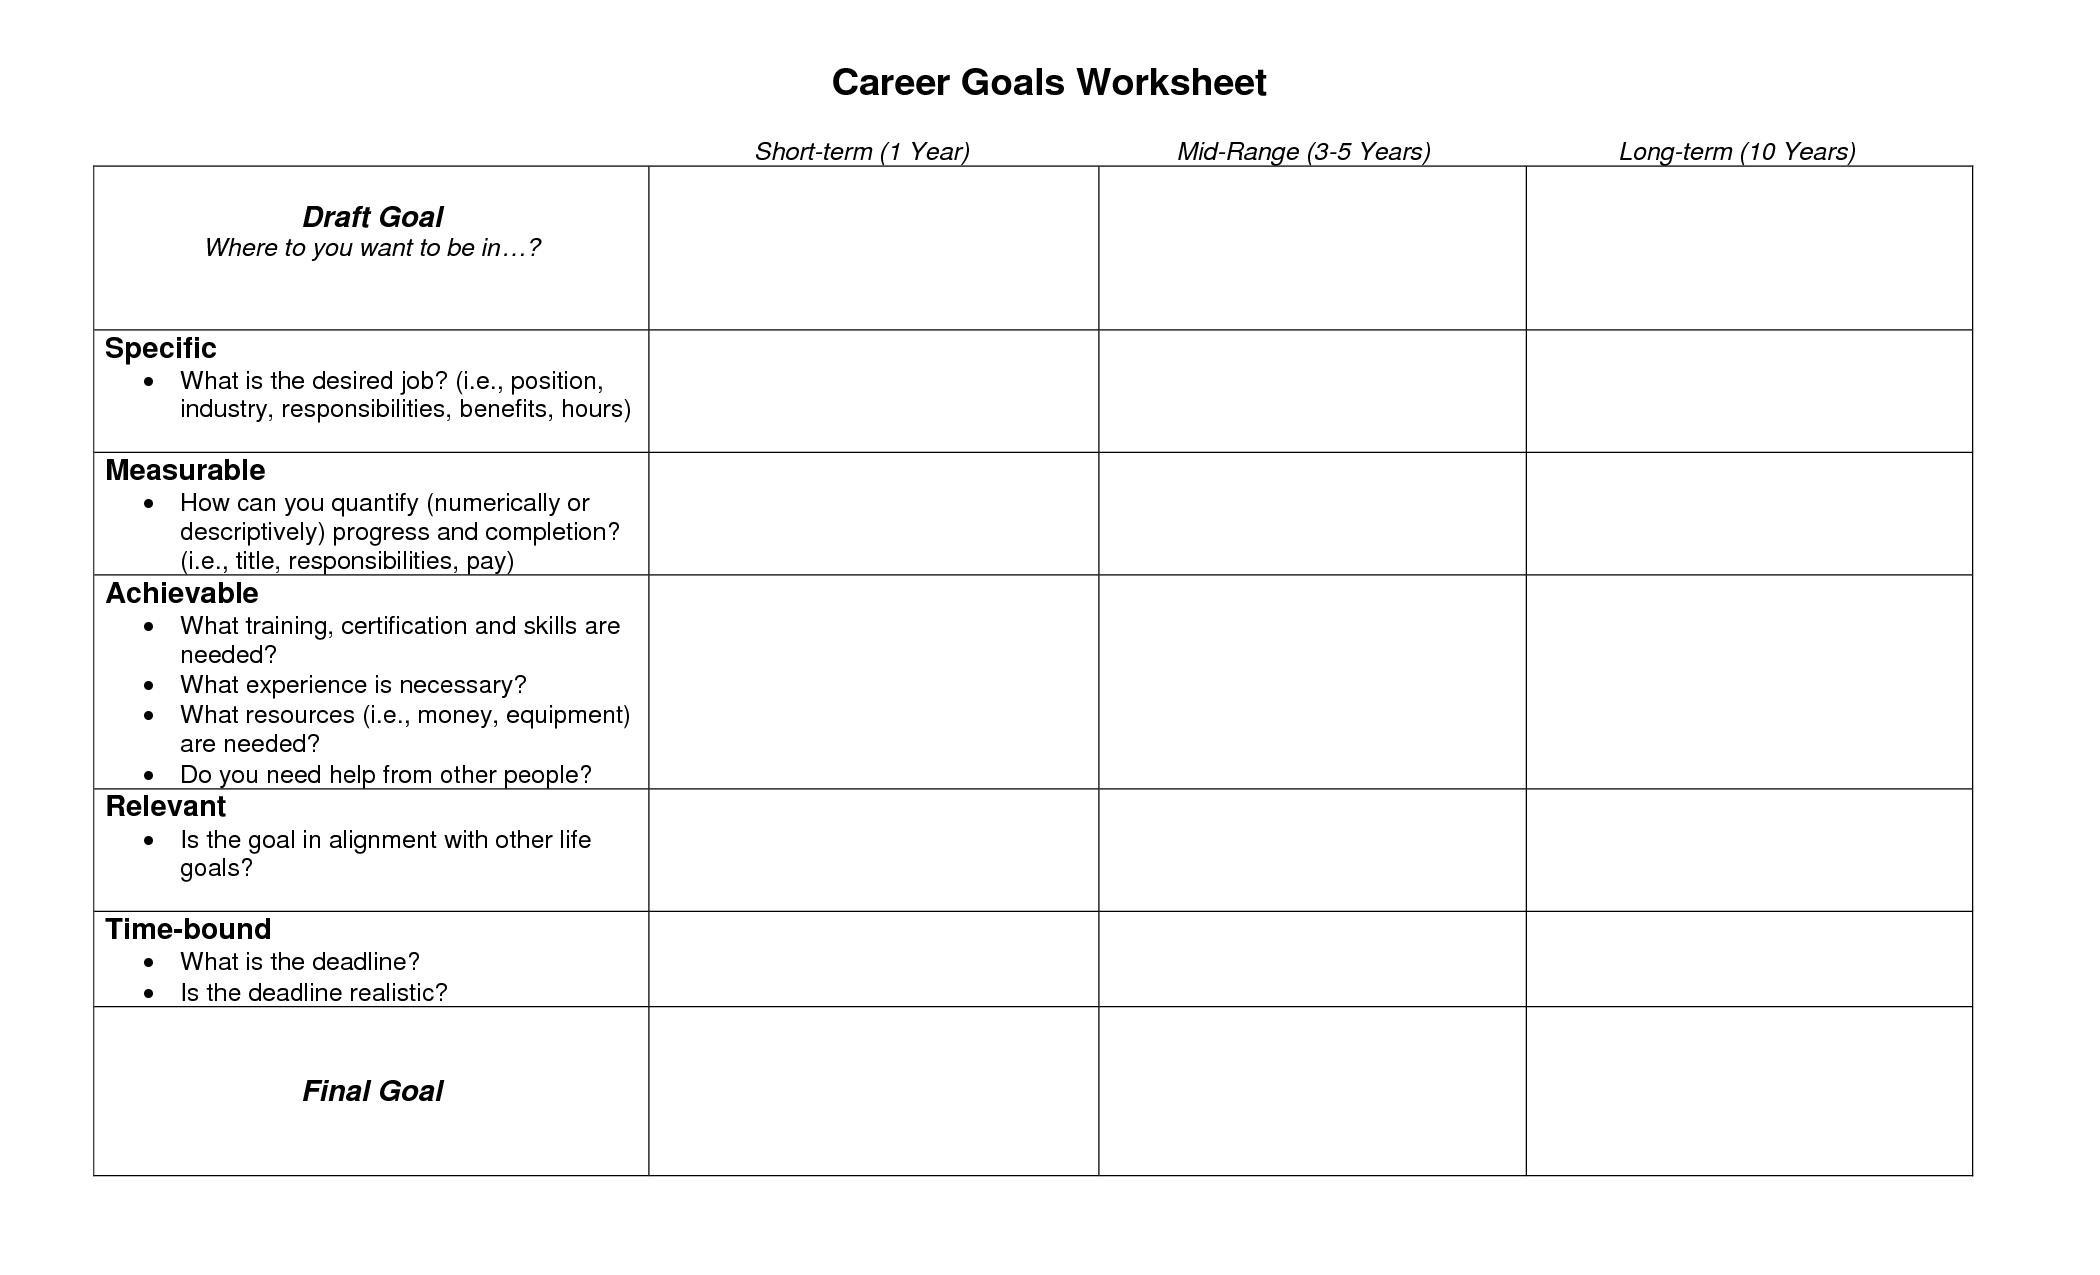 Smart Goals Worksheet For Career